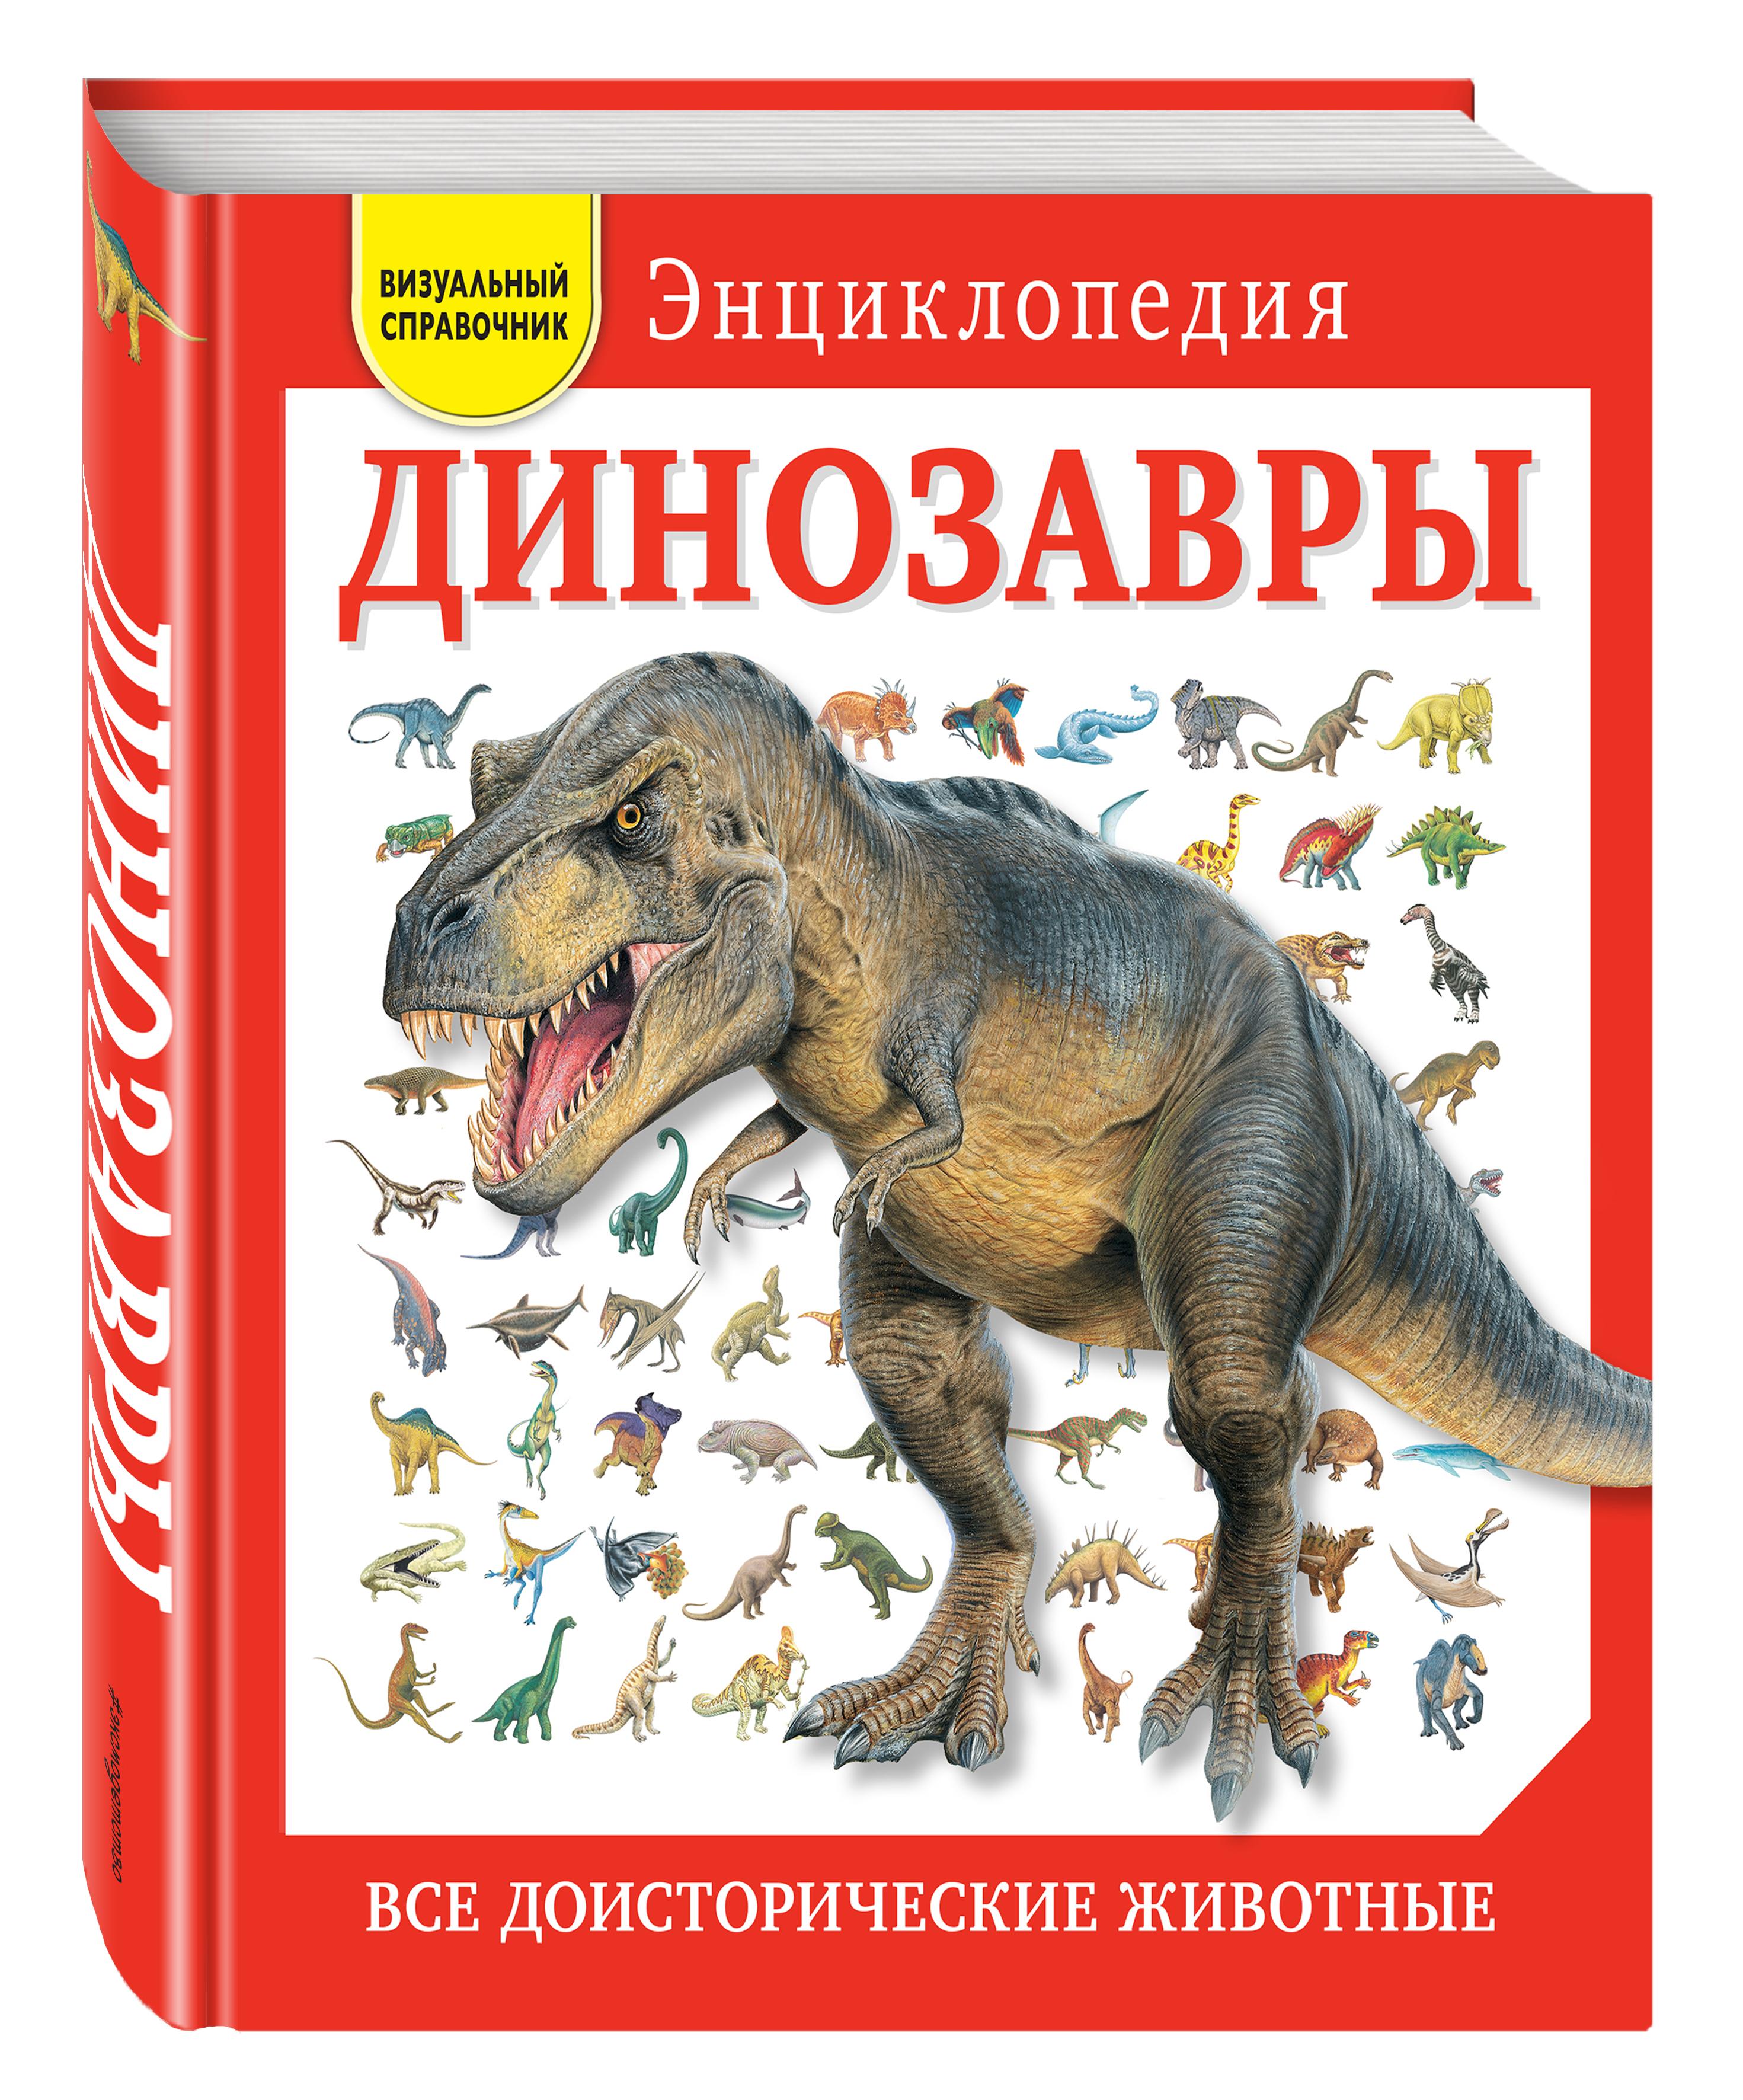 Динозавры. Все доисторические животные ананьева е ред динозавры энциклопедия все доисторические животные